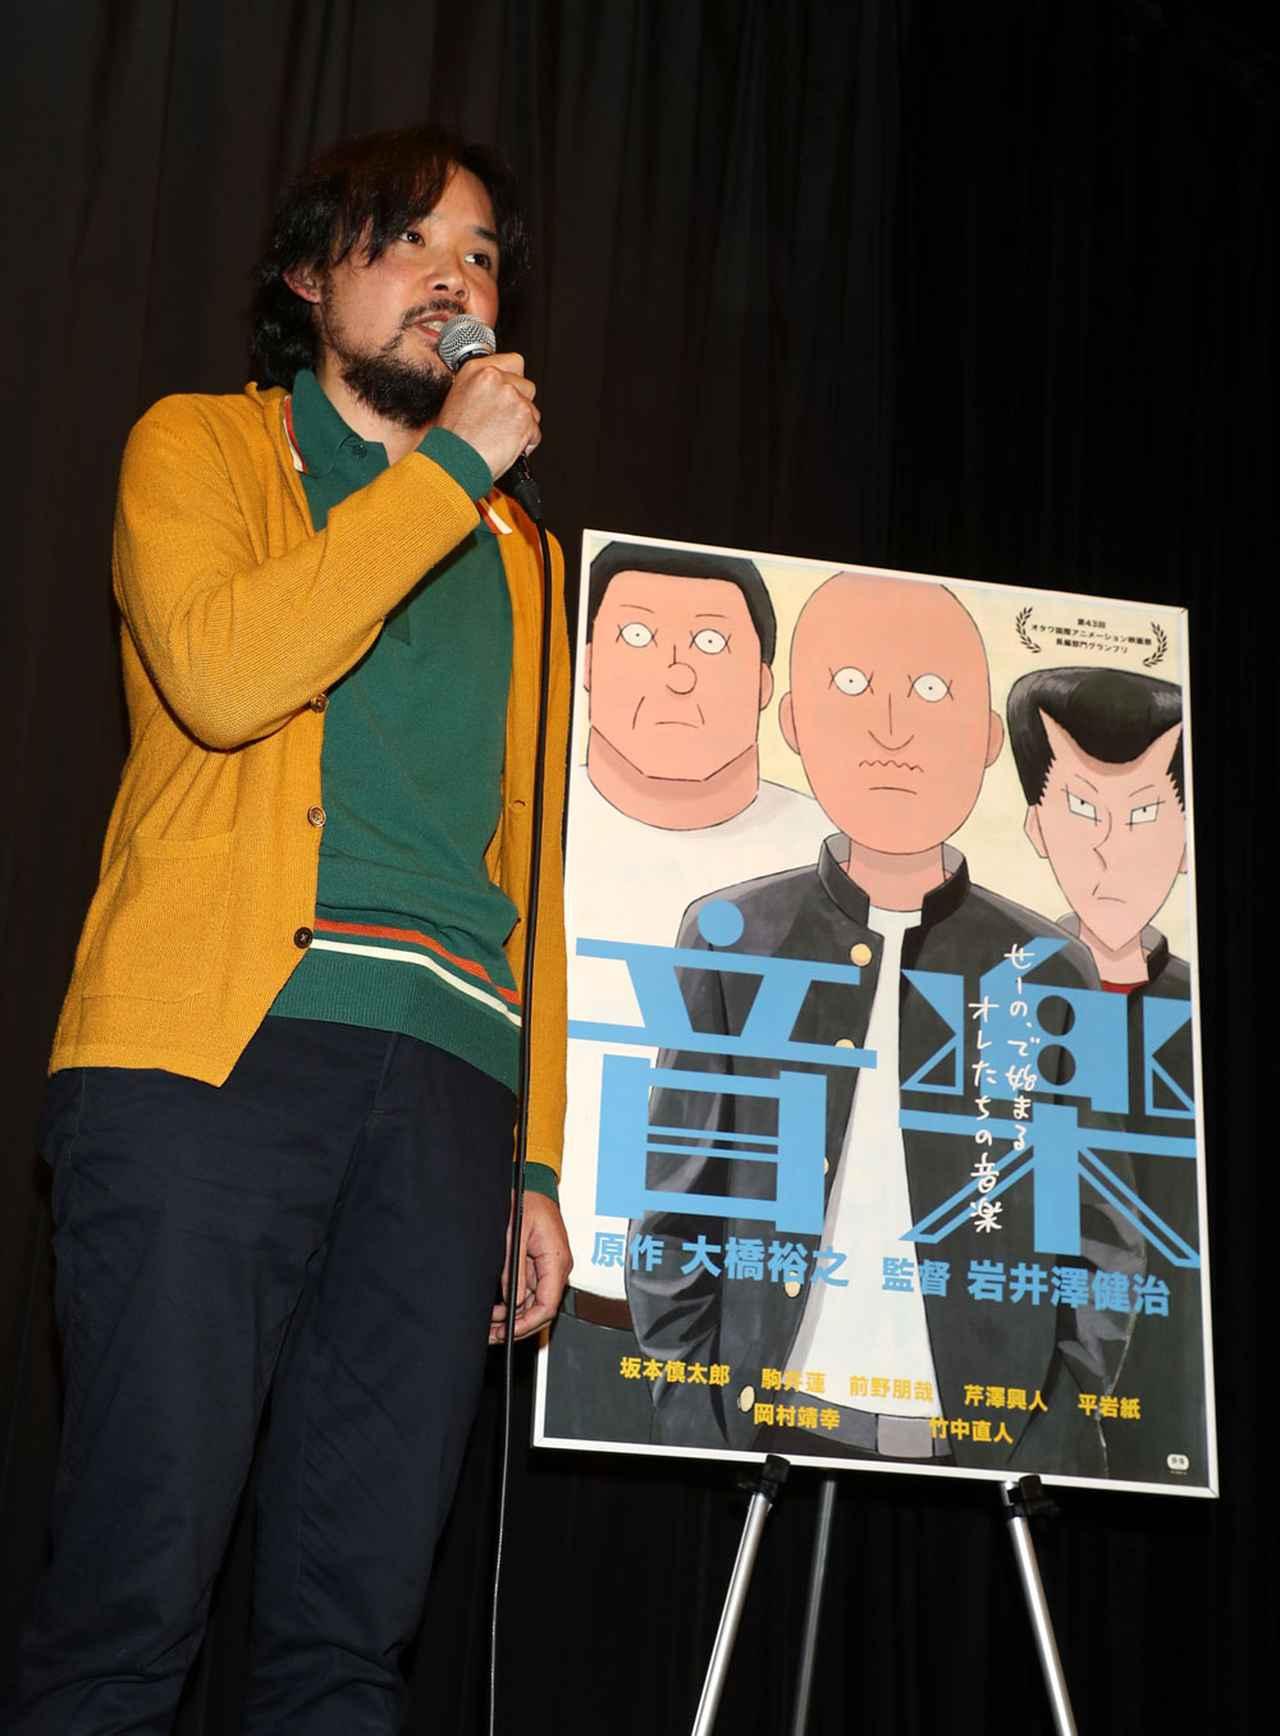 Images : 6番目の画像 - 「楽器経験のない不良たちがバンドを始める……。岩井澤健治監督が7年をかけて作り上げた手描きアニメ映画「音楽」が待望の公開!」のアルバム - Stereo Sound ONLINE